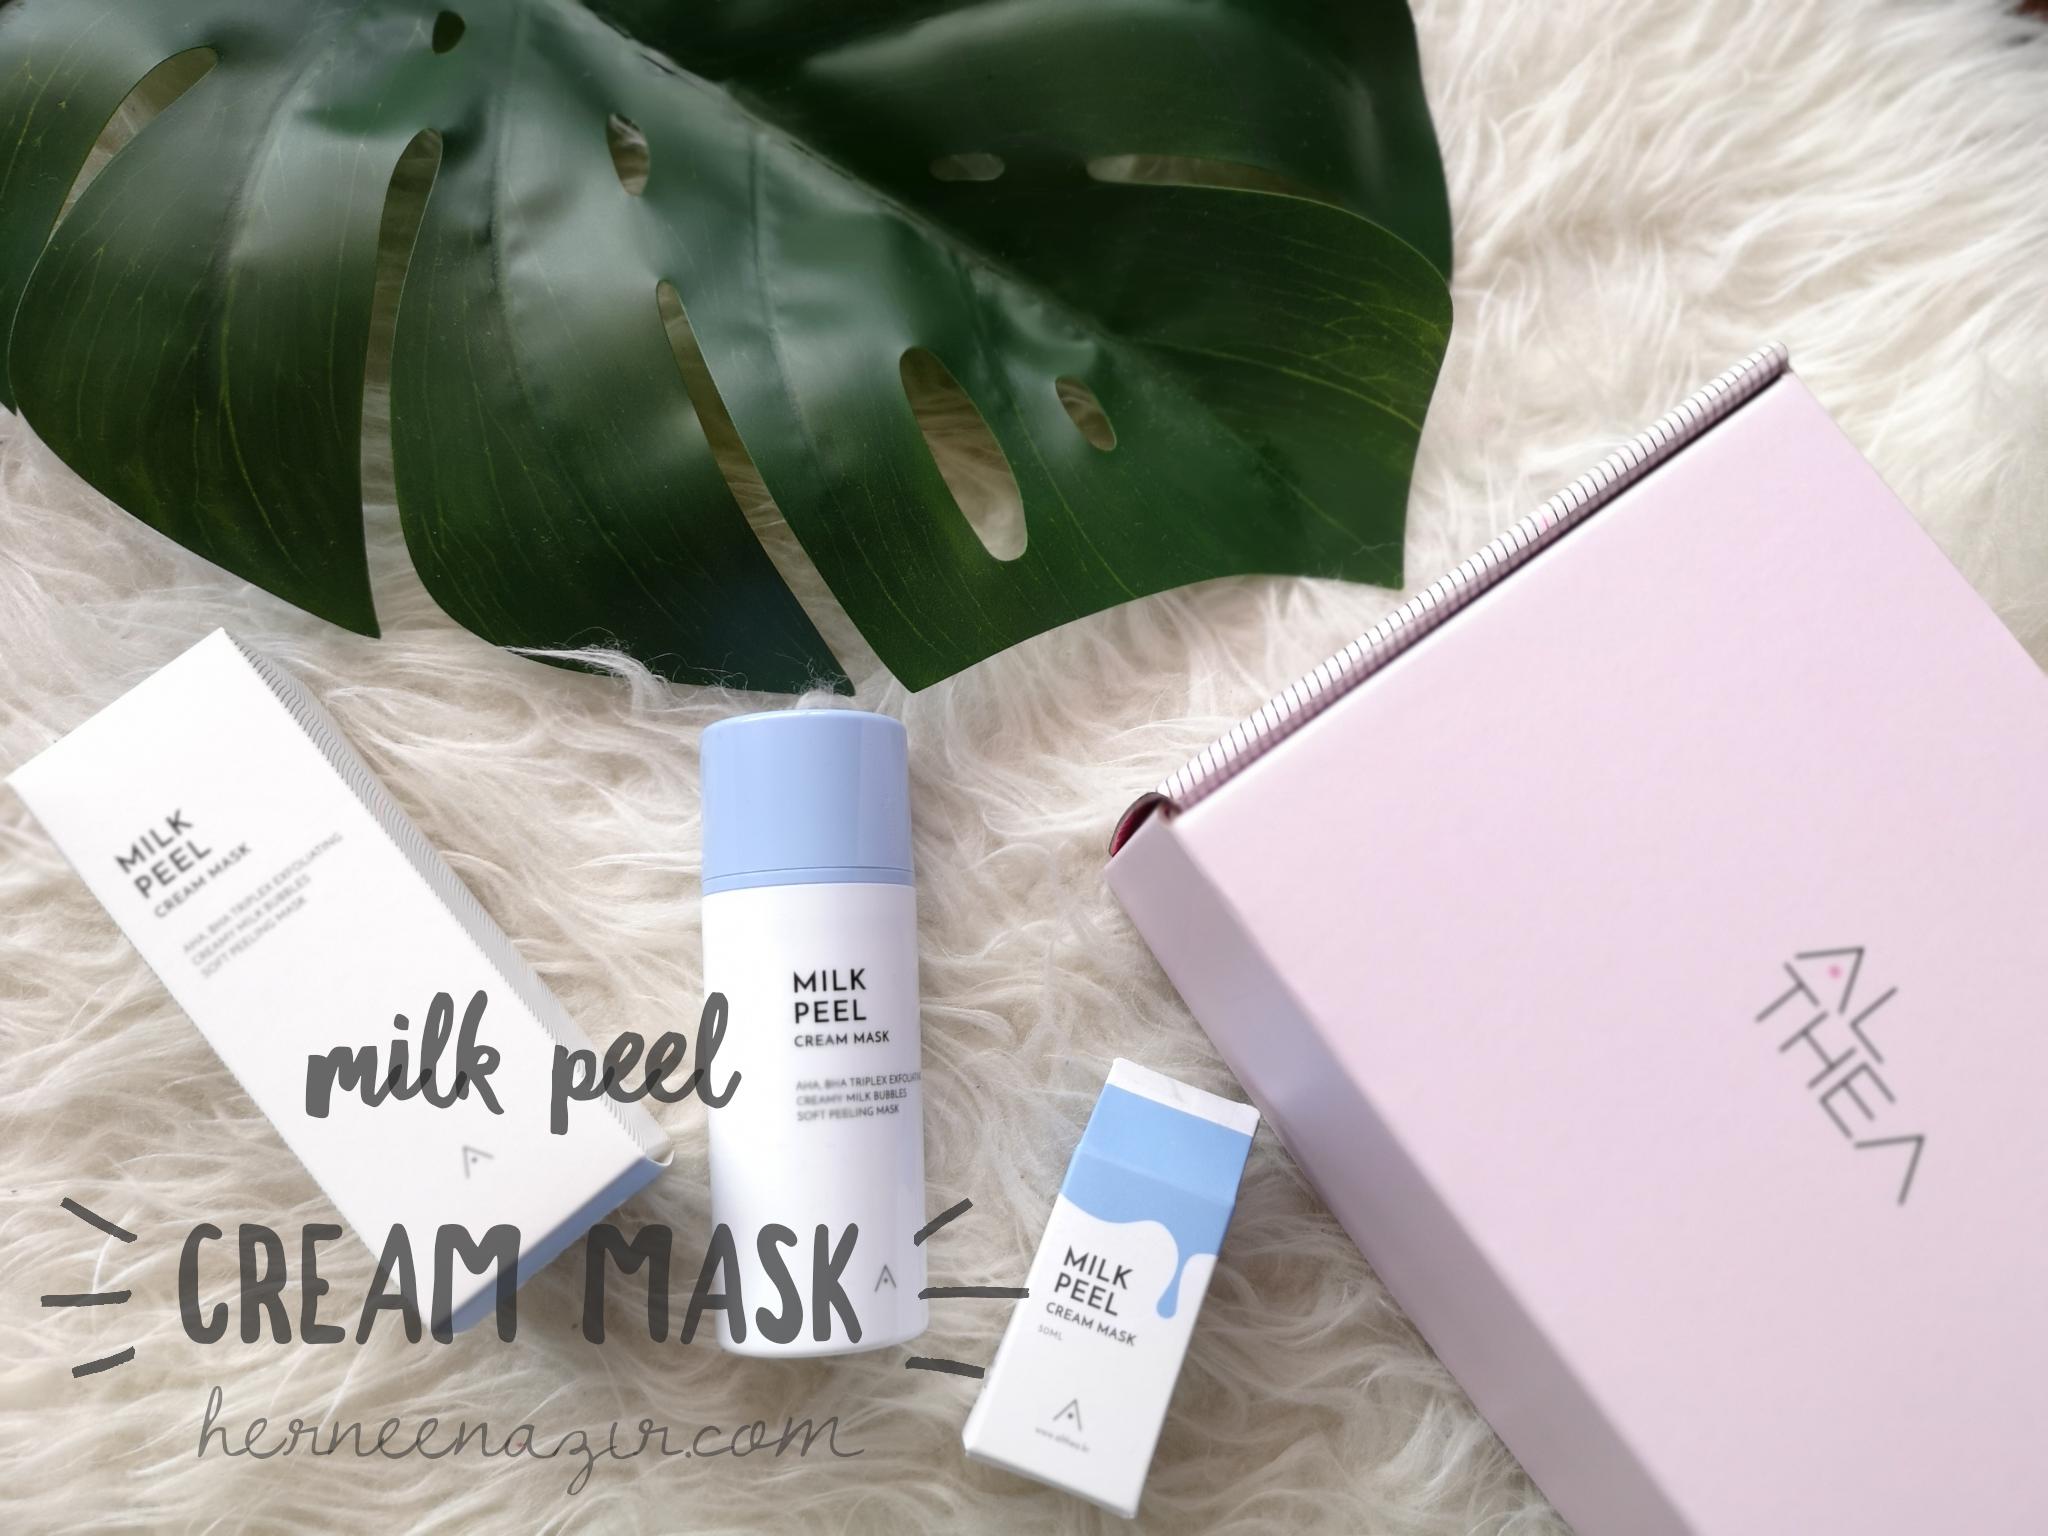 milk peel cream mask.png